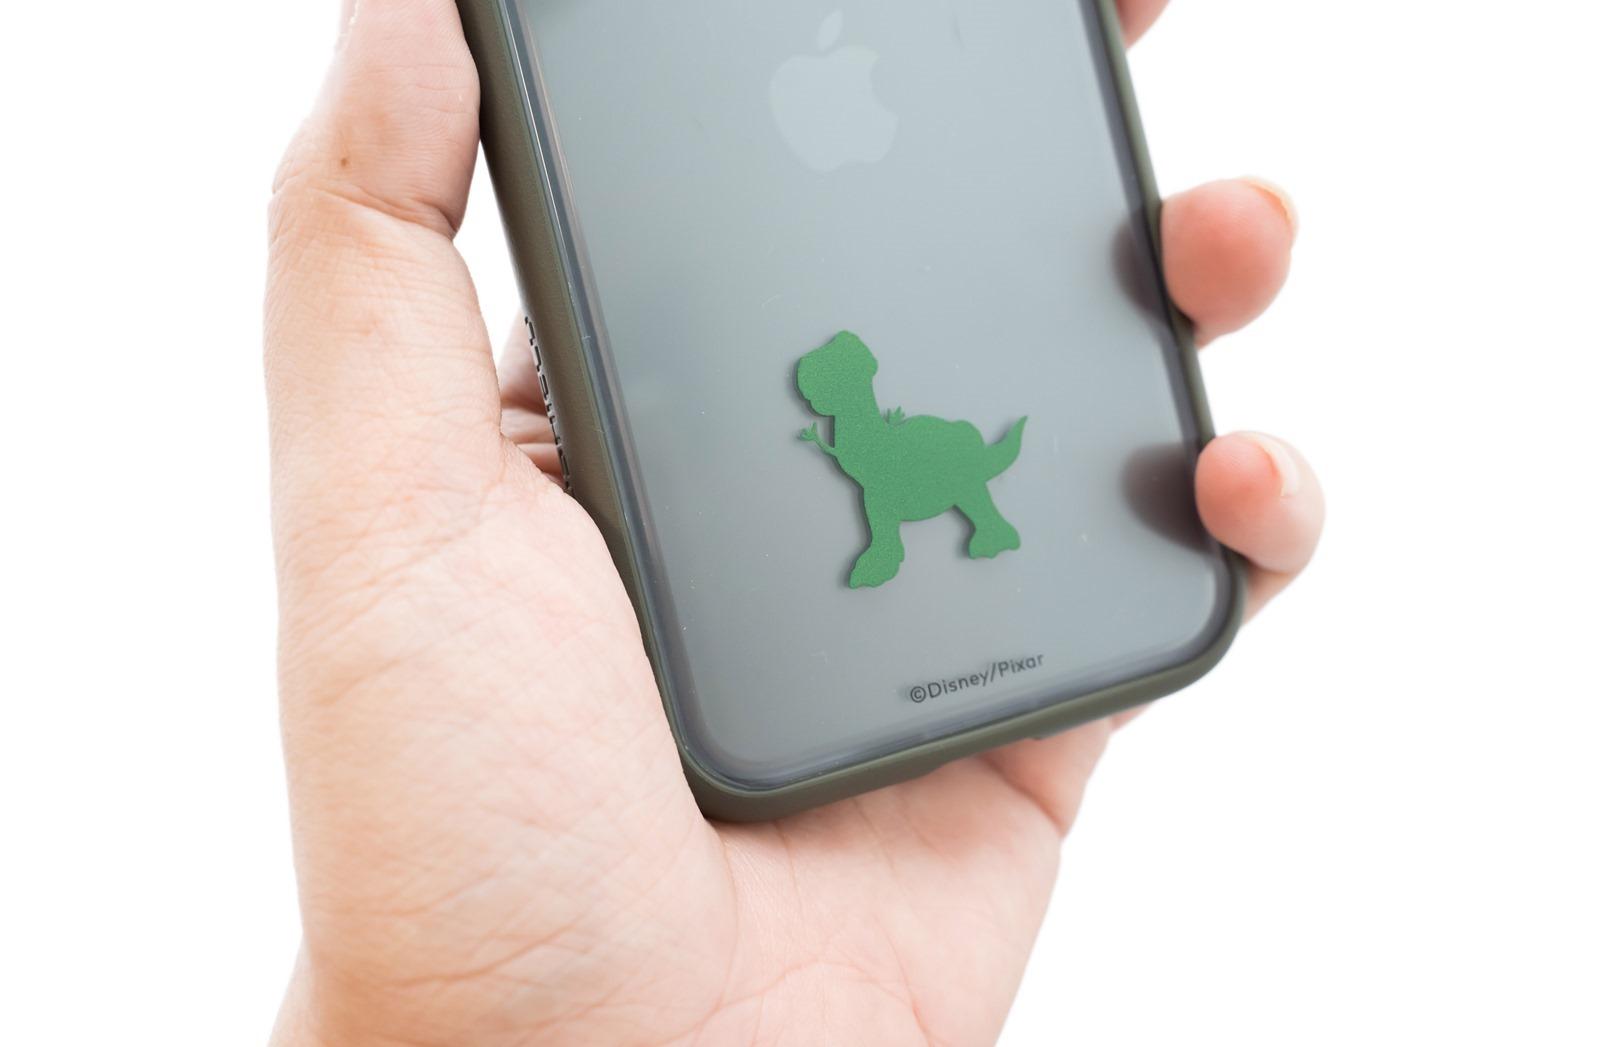 這次防摔殼超可愛!迪士尼皮克斯 x 犀牛盾 iPhone / 三星 實拍分享 @3C 達人廖阿輝